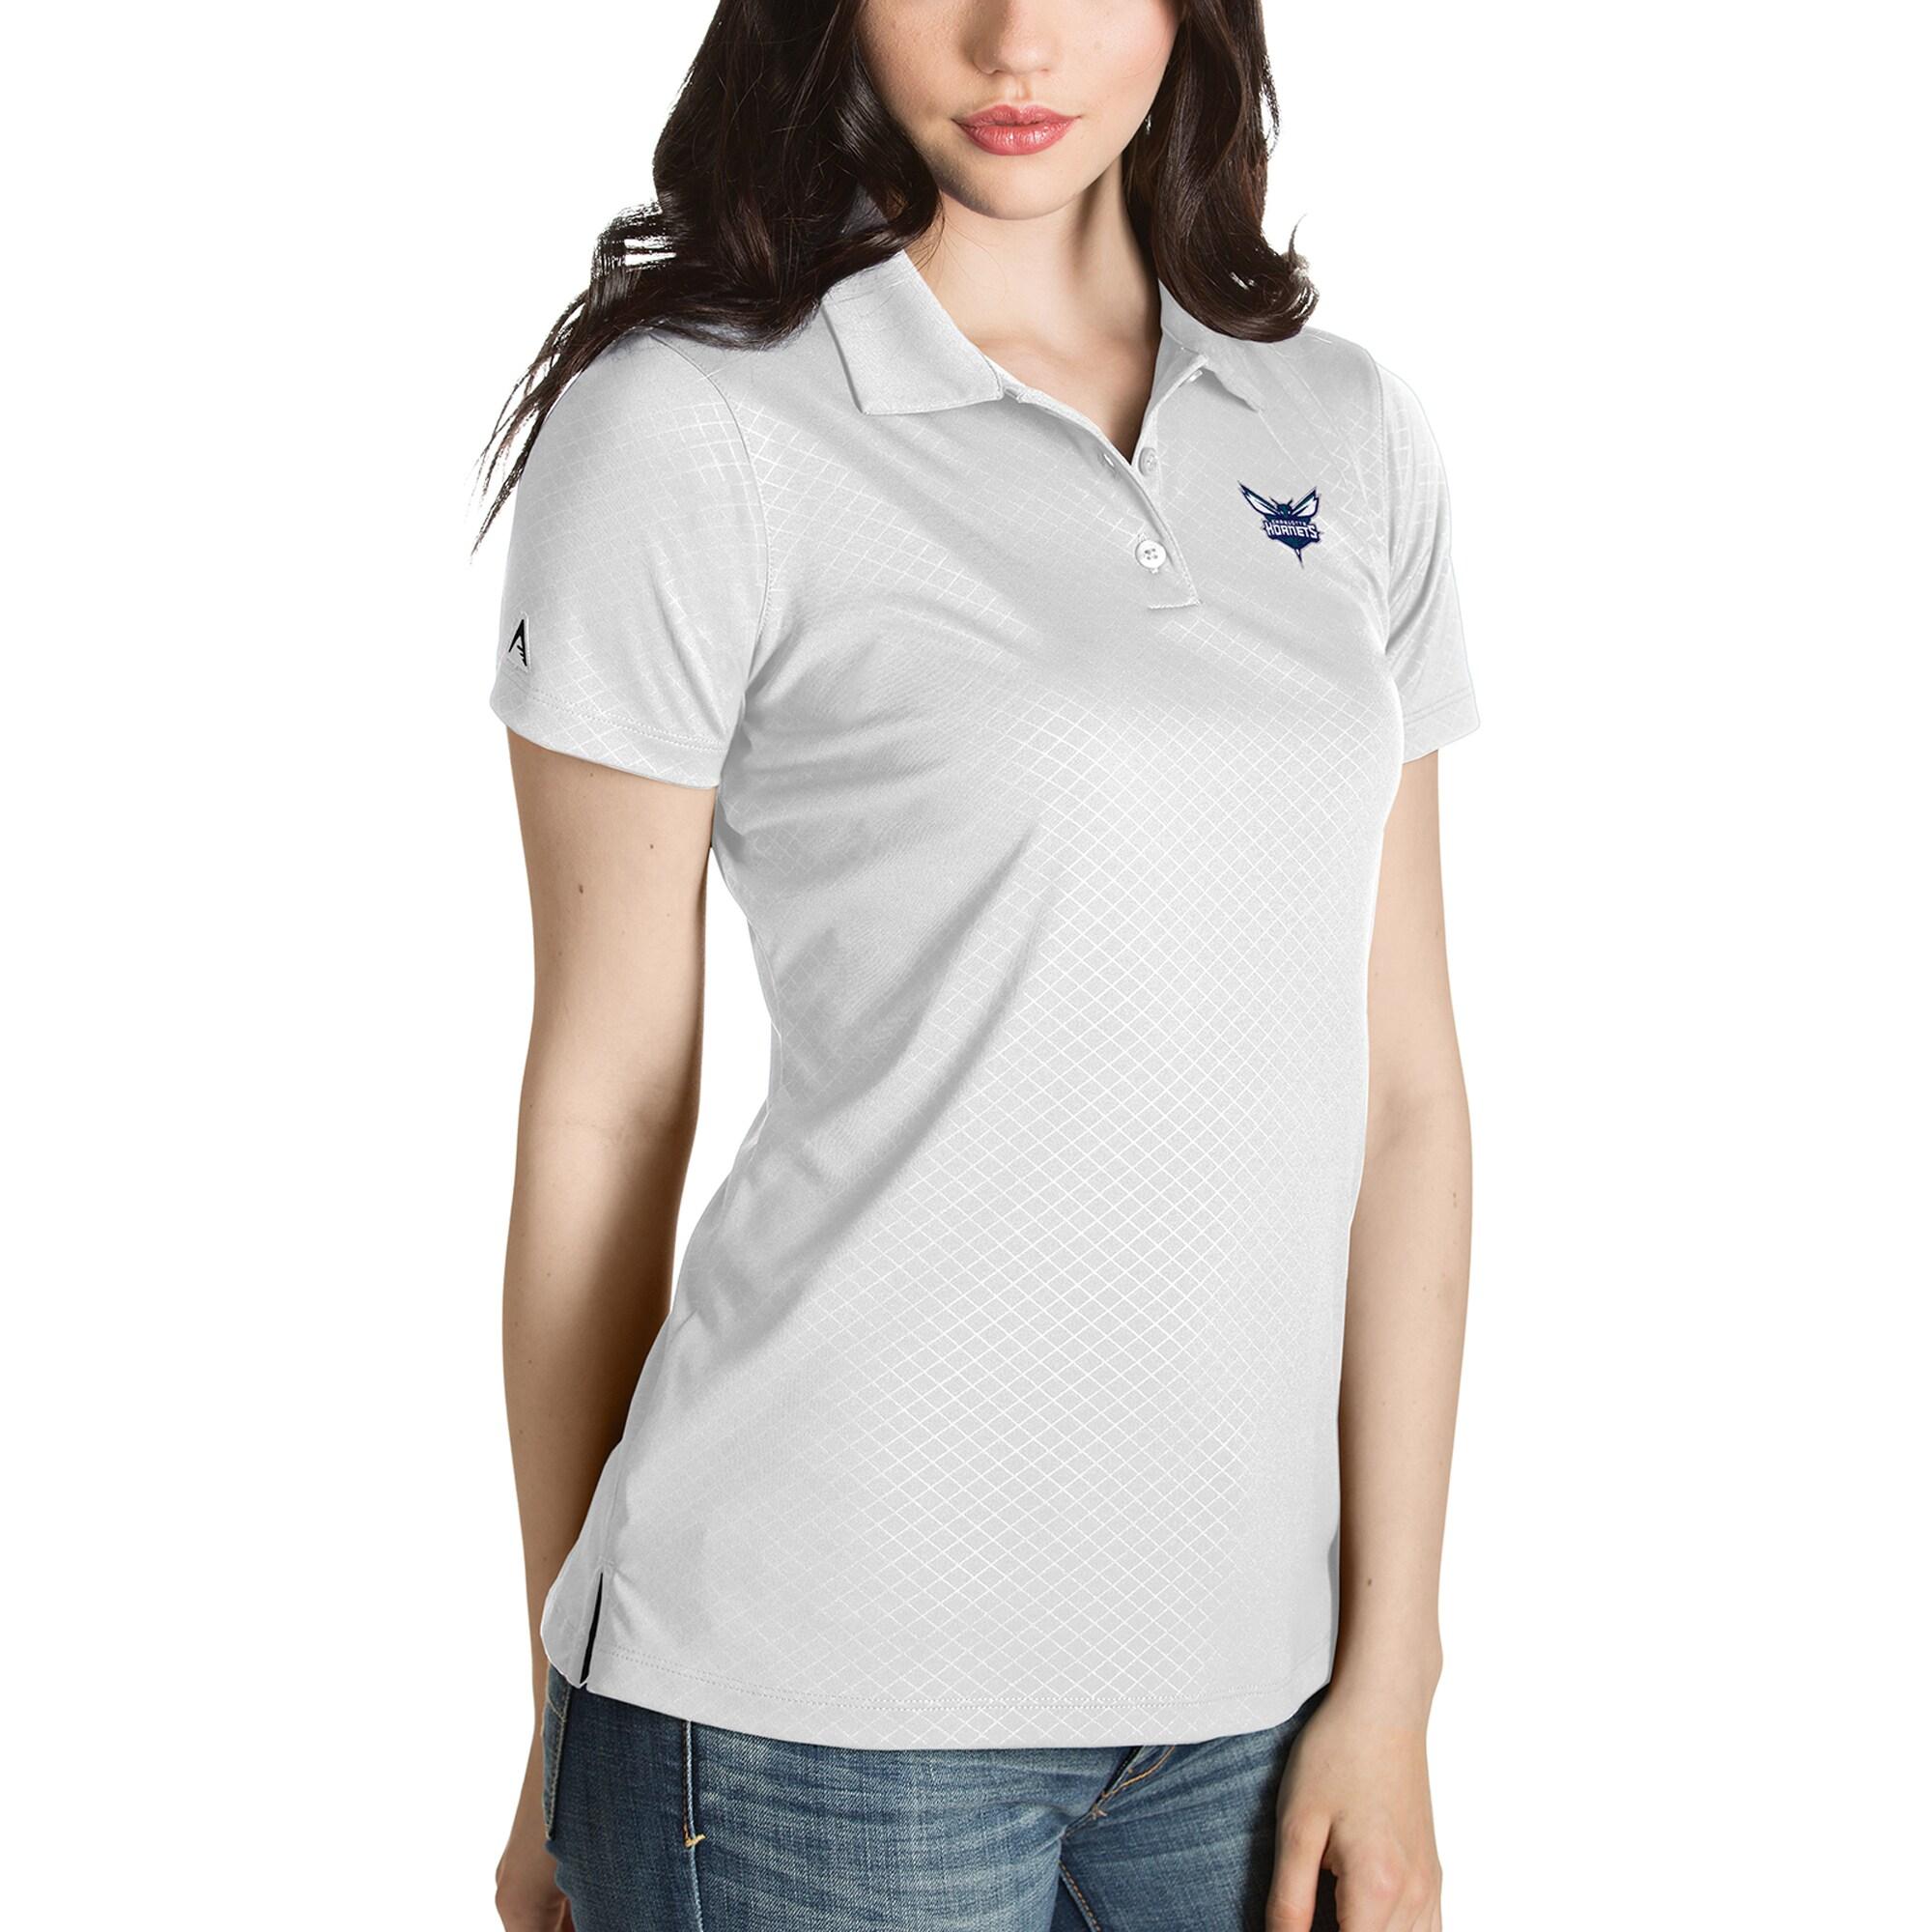 Charlotte Hornets Antigua Women's Inspire Polo - White